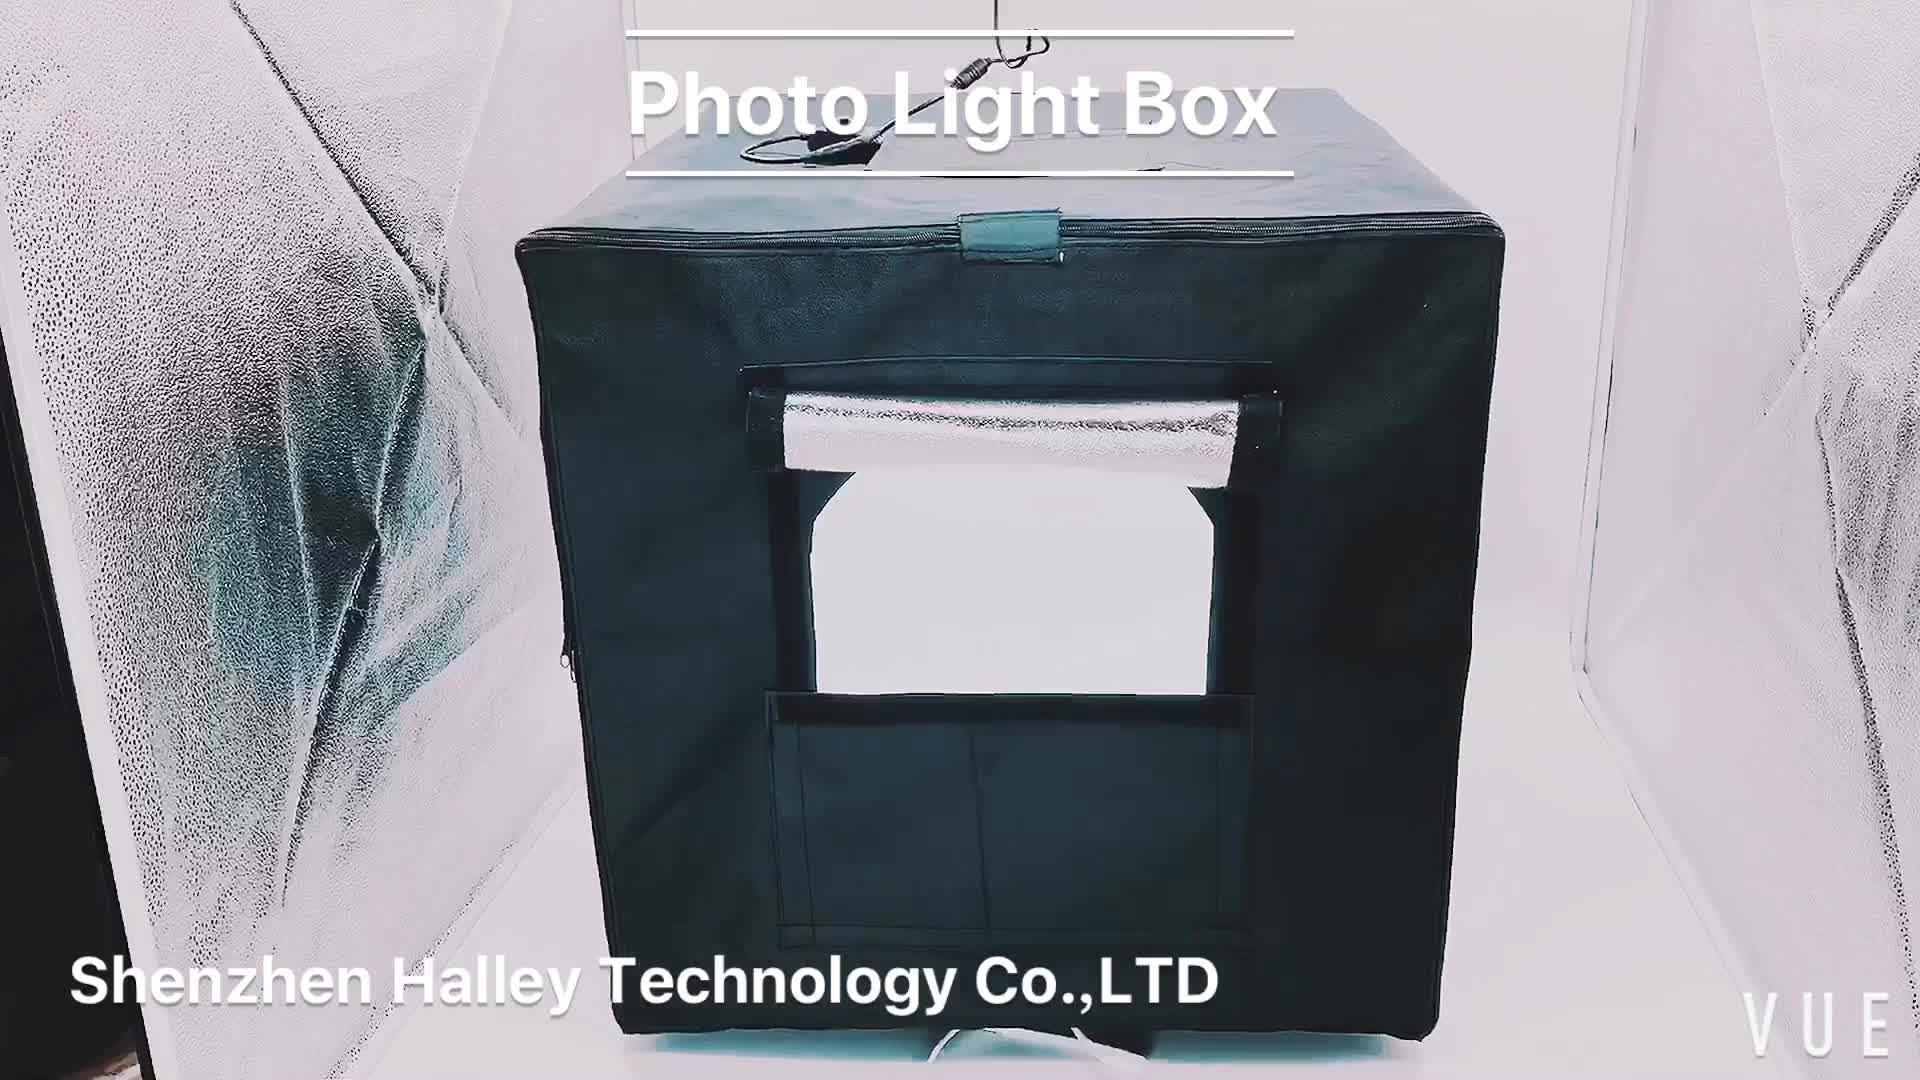 ไฟLedขนาด24นิ้วสำหรับสตูดิโอถ่ายภาพ,ชุดสตูดิโอถ่ายภาพมืออาชีพเต็นท์ถ่ายภาพขนาด60ซม. พร้อมแถบไฟLed 2เส้น